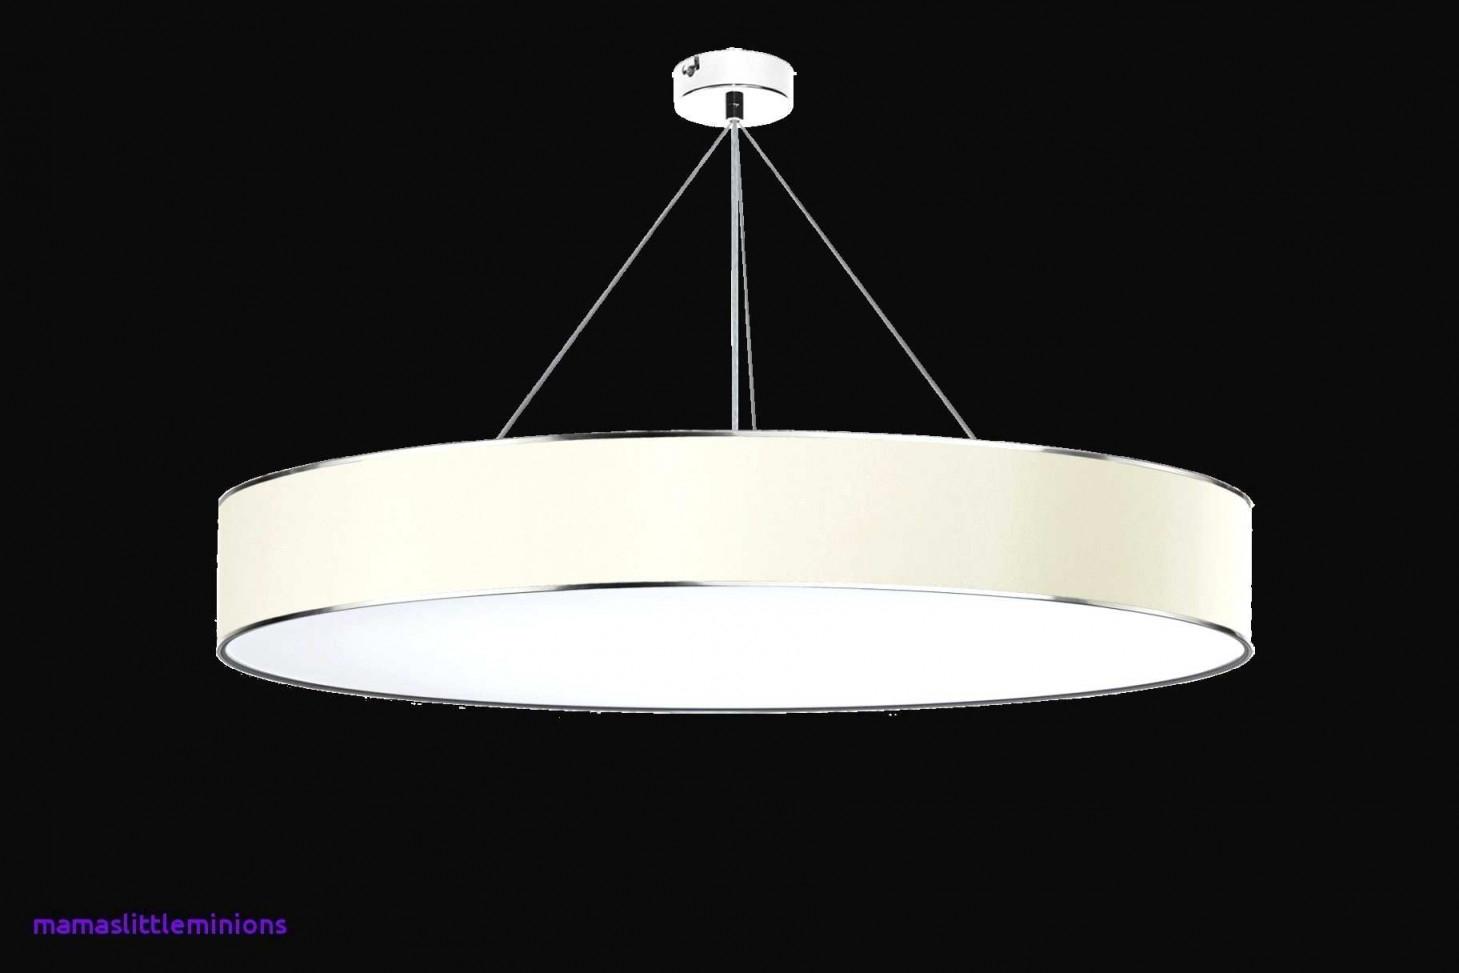 Deckenlampe Wohnzimmer Landhaus – Caseconrad von Deckenleuchte Wohnzimmer Landhaus Bild